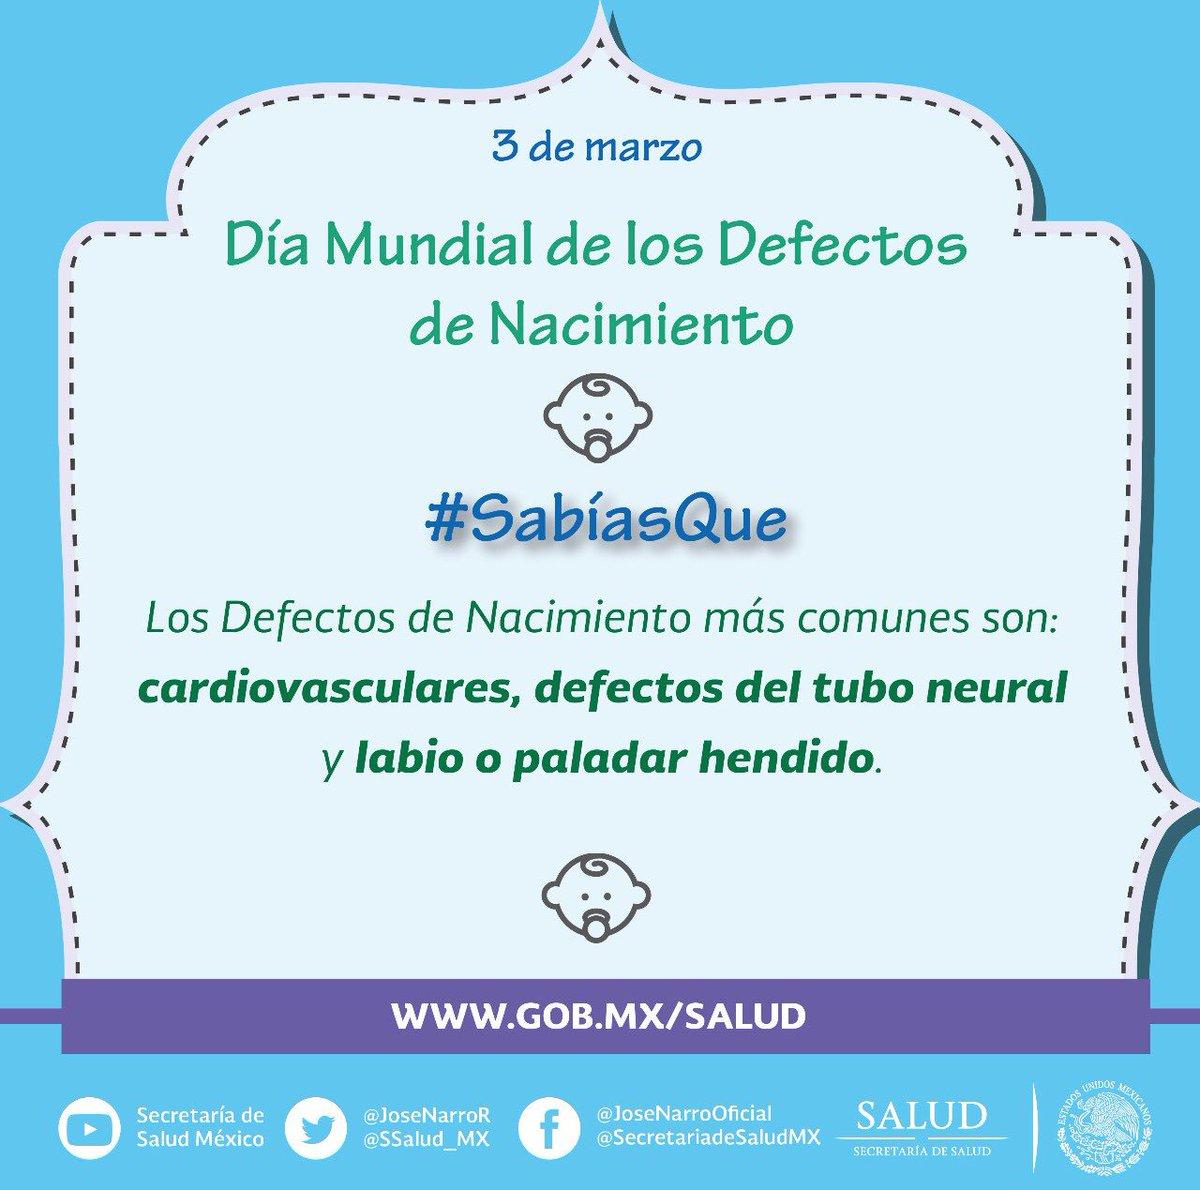 Salud México A Twitter Estediaquierodecirte Cuáles Son Los Defectos De Nacimiento Más Comunes Díamundialdelosdefectosdenacimiento